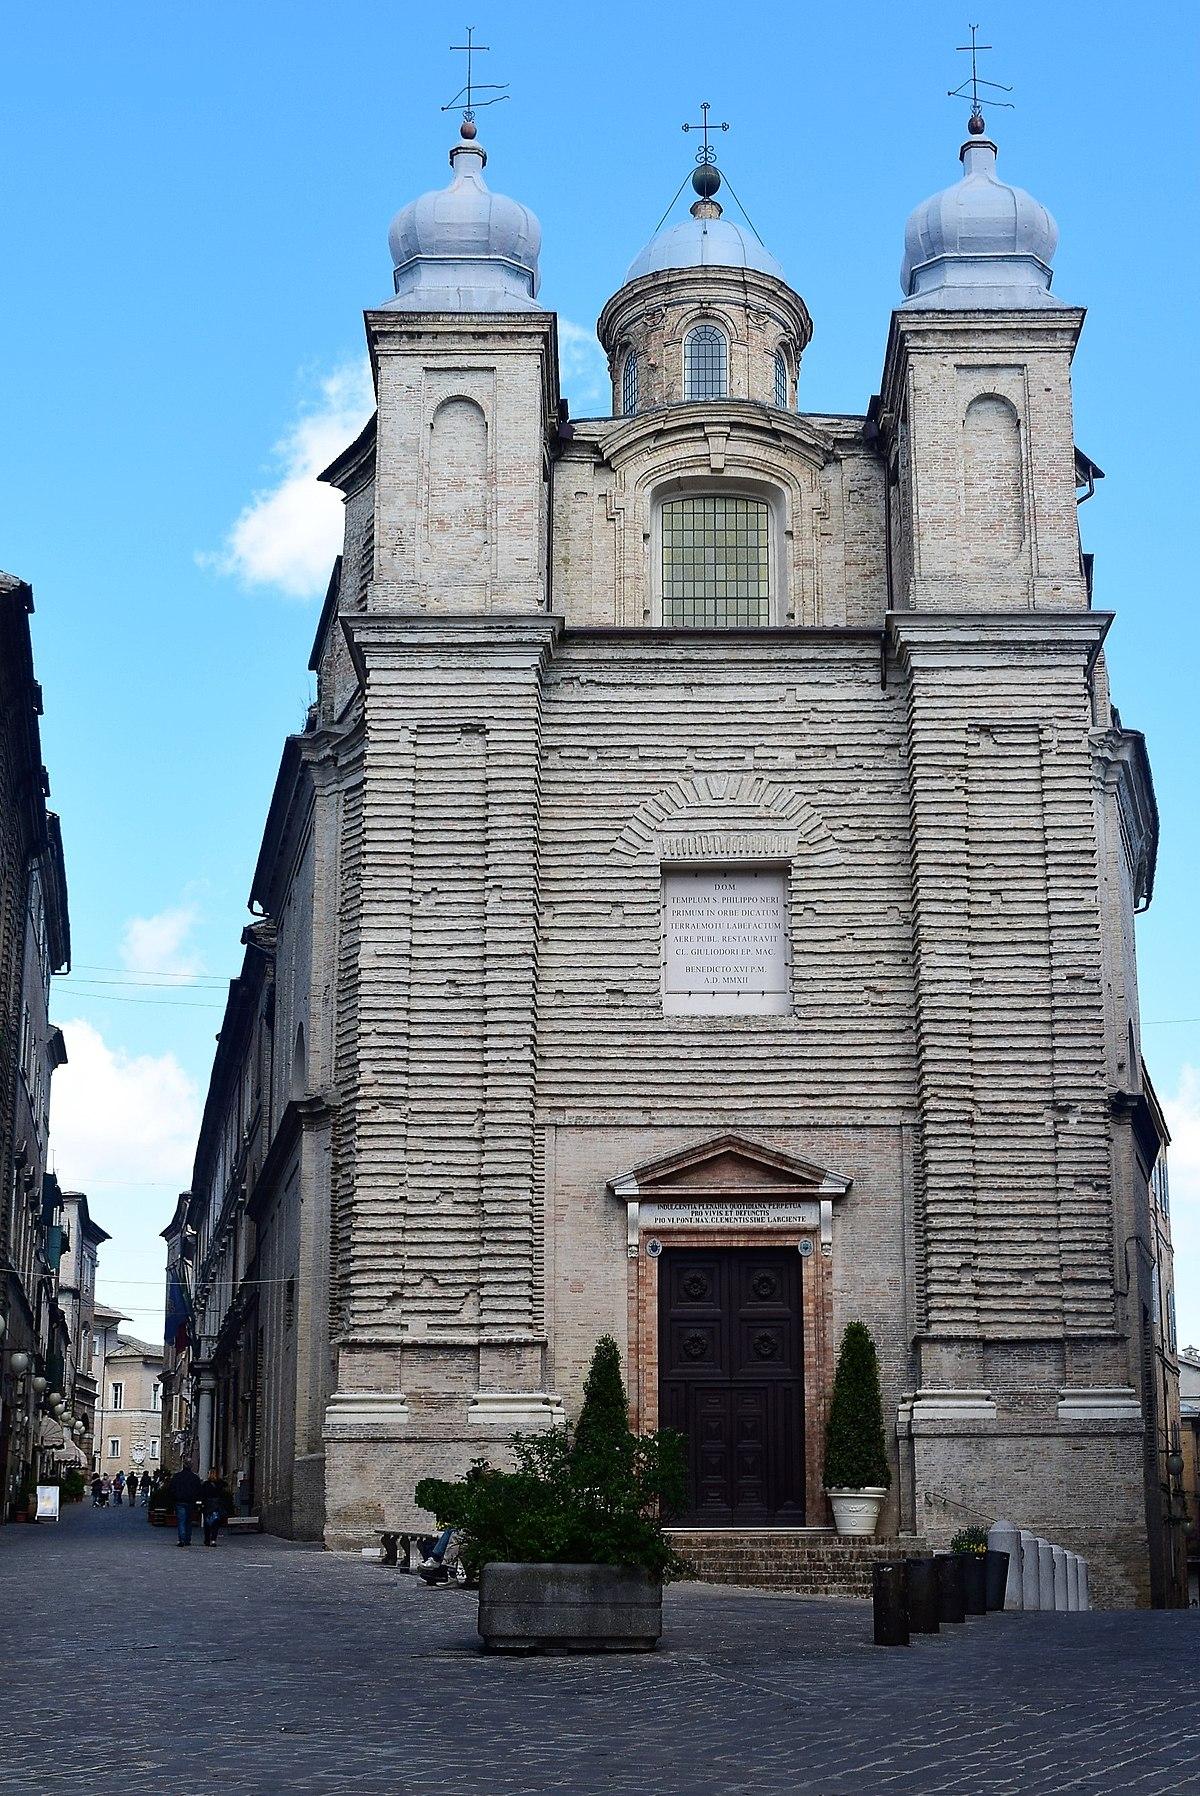 San Filippo Neri Macerata Wikidata